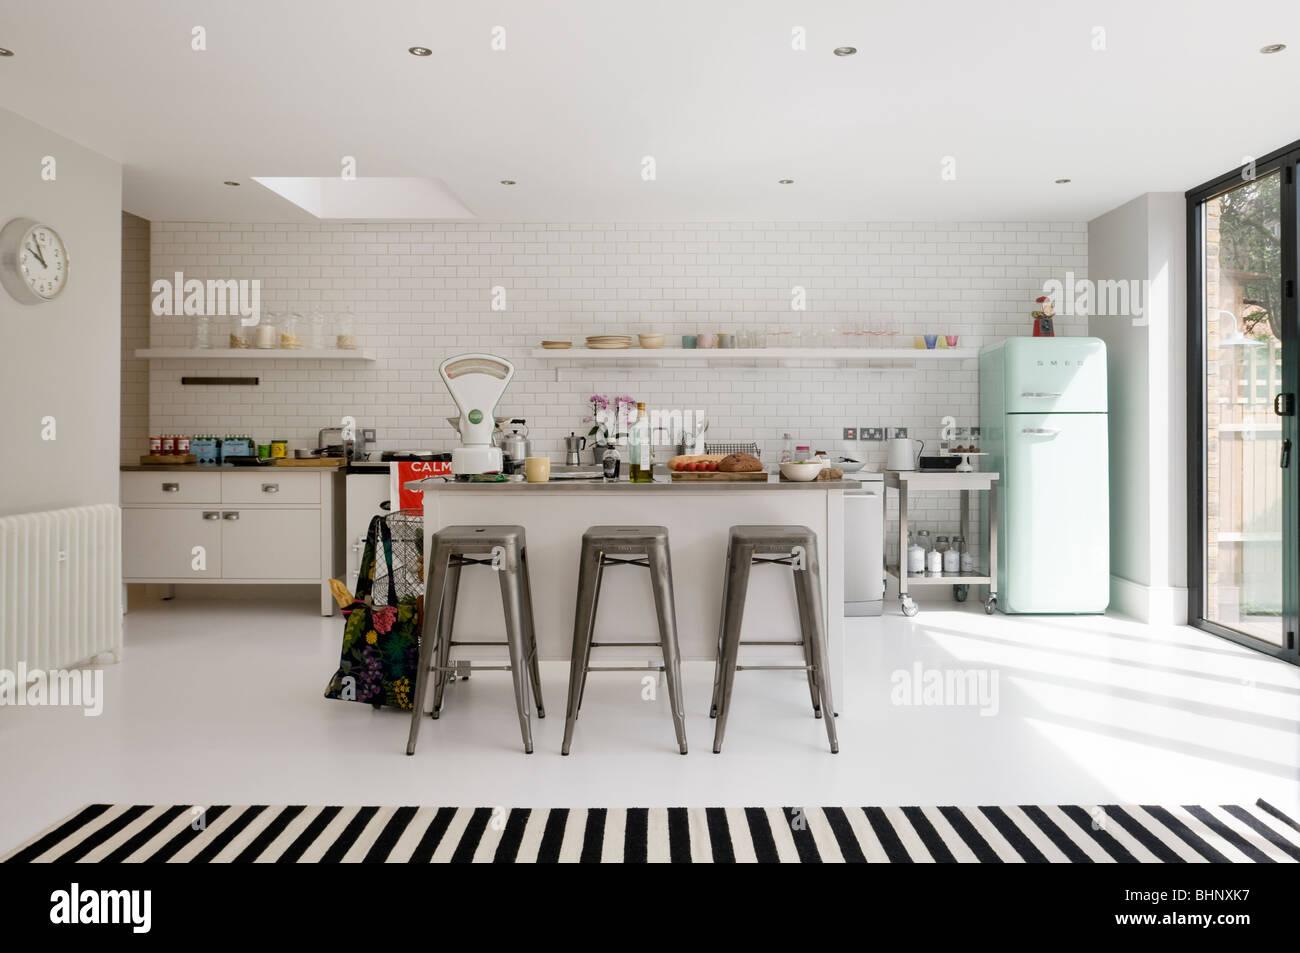 Küche Mit Retro Kühlschrank : Offene weiß gefliesten küche mit barhockern und retro kühlschrank